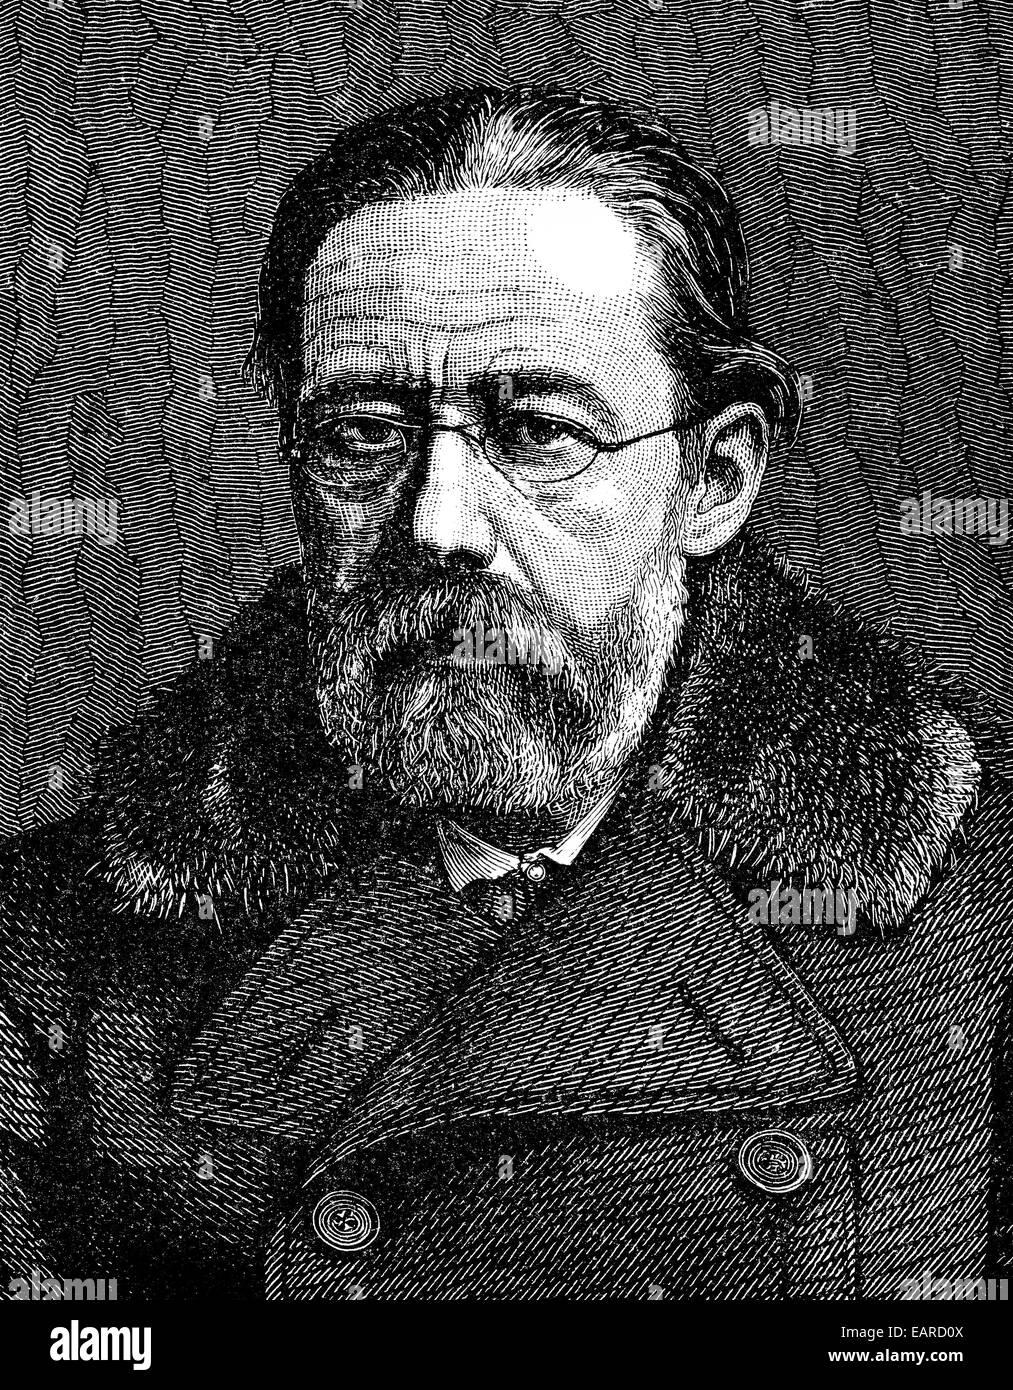 Bedrich Smetana Portrait Stock S & Bedrich Smetana Portrait